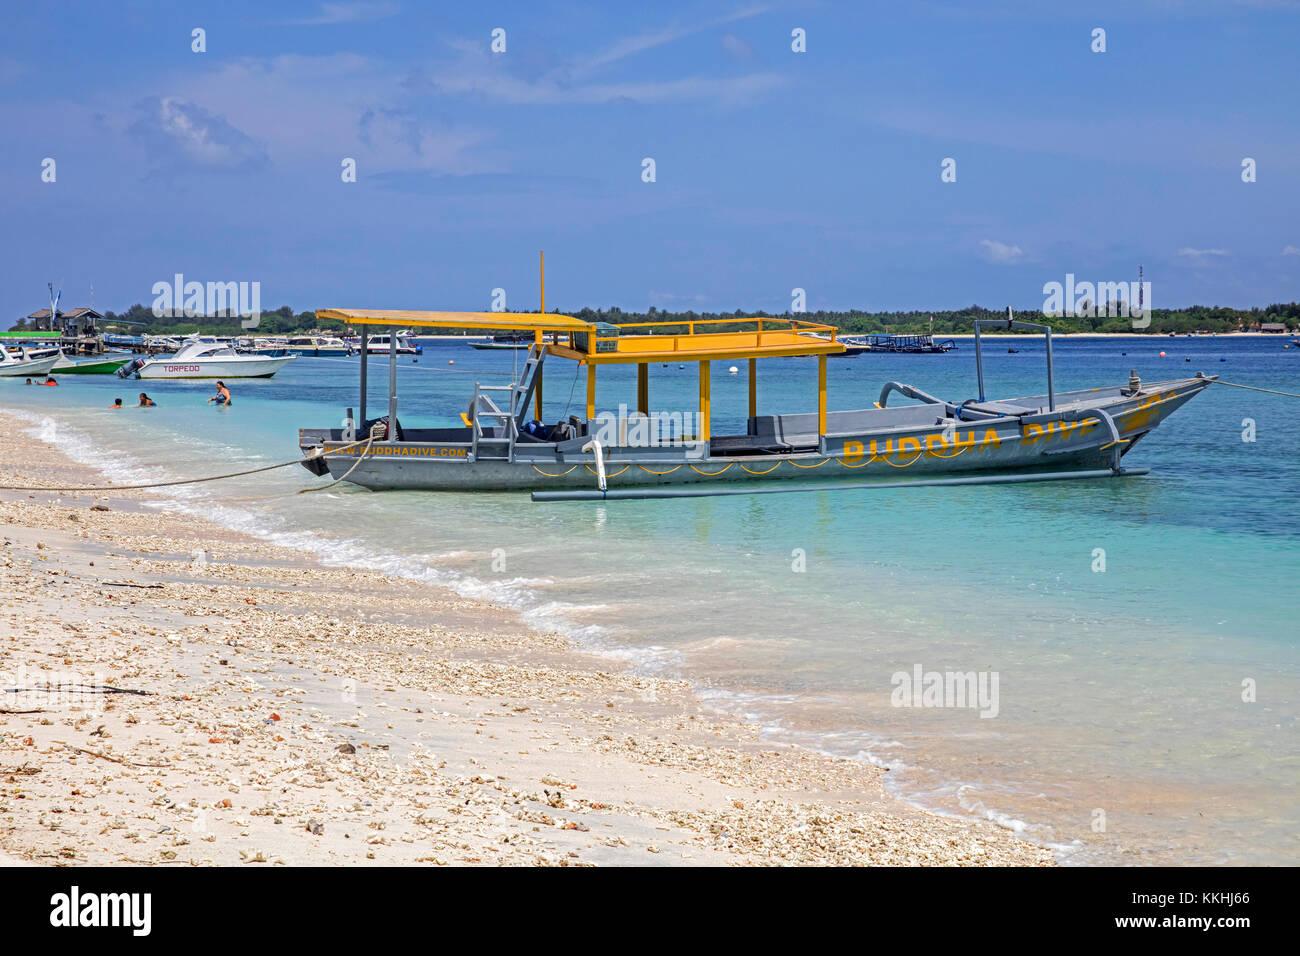 Outrigger barco turístico en la isla de Gili Trawangan, la mayor de las Islas Gili de Lombok, Indonesia Imagen De Stock